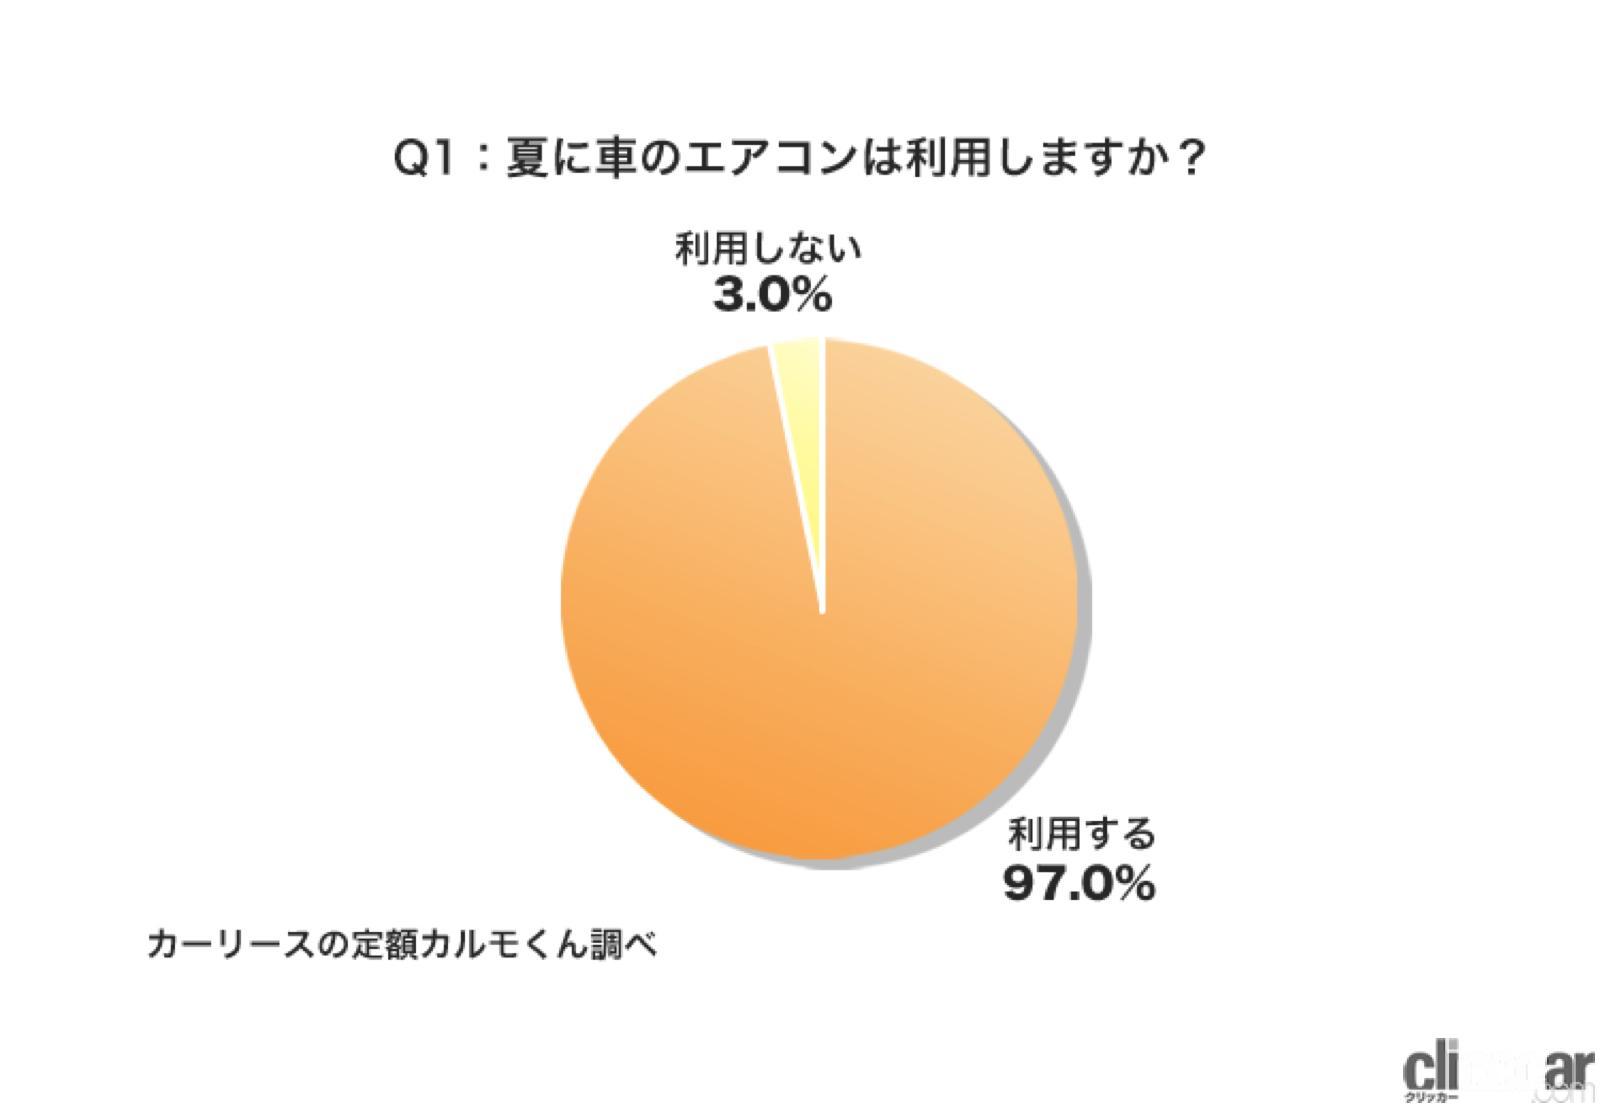 「夏のエアコン設定温度は「25℃」が20%超で最多! エアコン以外の暑さ対策は「日よけ」が46.9%」の7枚目の画像